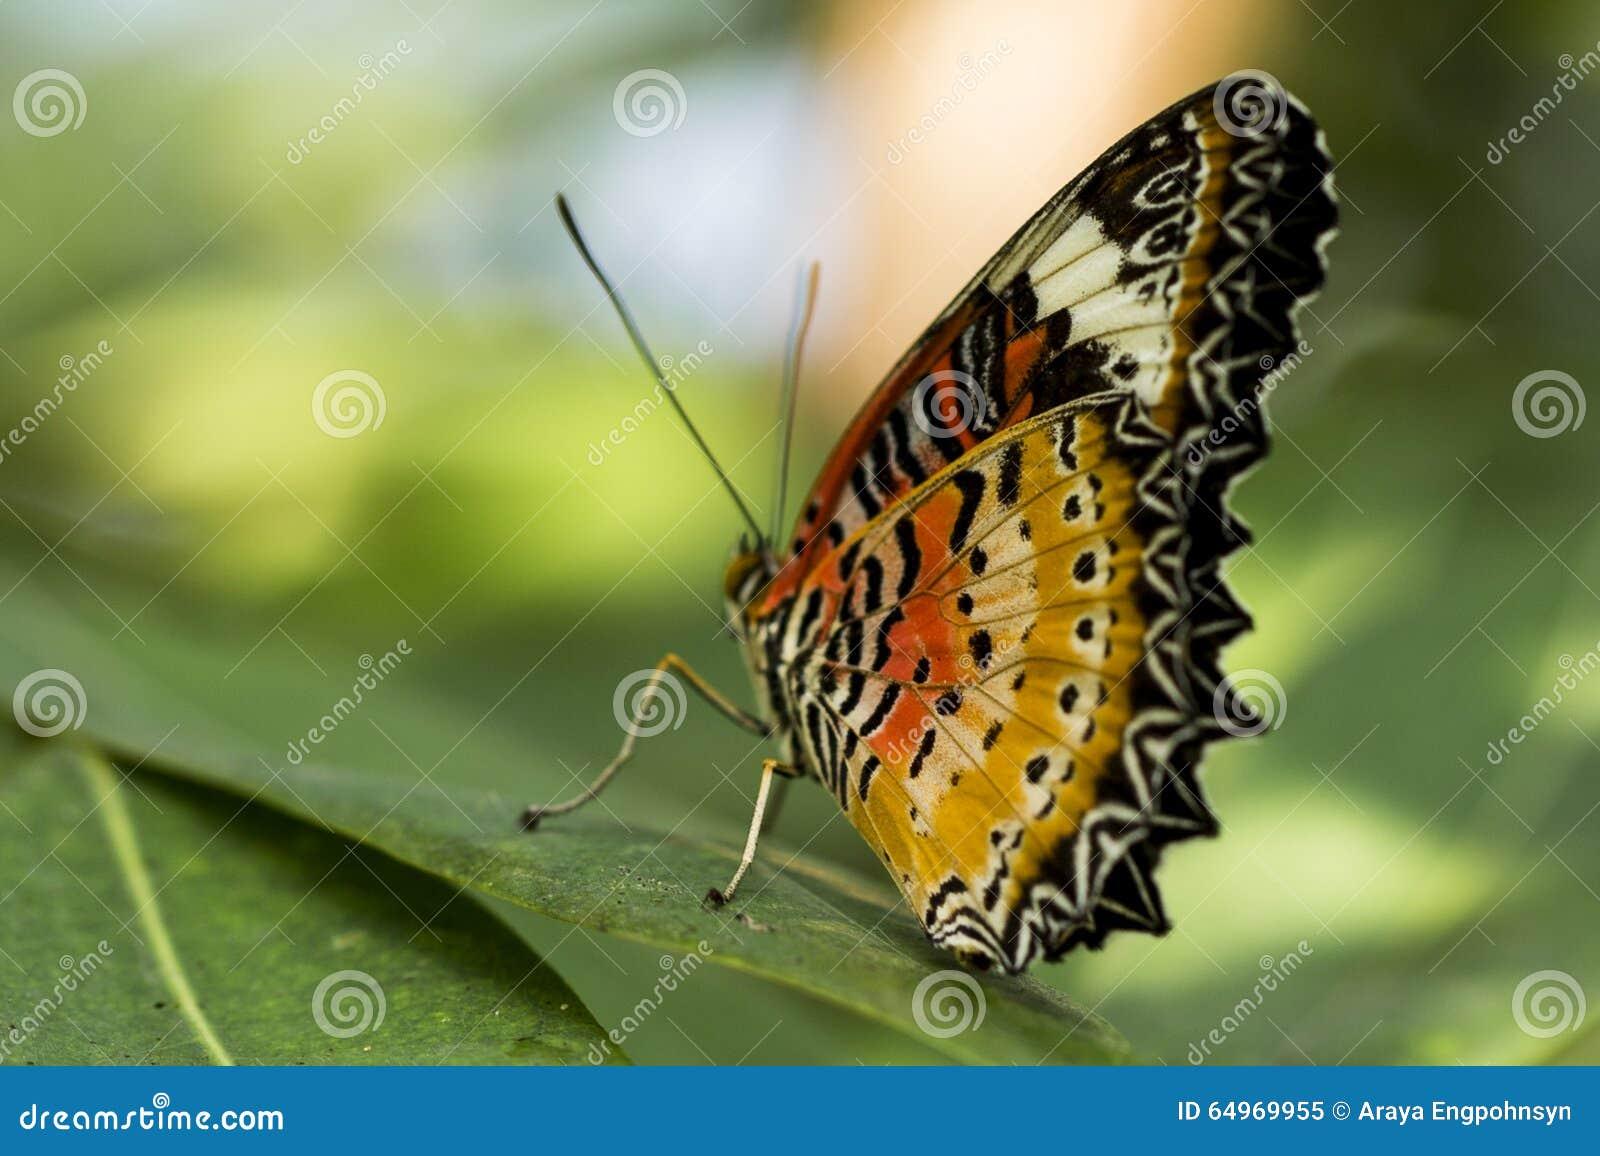 schmetterling mit schwarz orange fl geln stockbild bild von nderung monarch 64969955. Black Bedroom Furniture Sets. Home Design Ideas